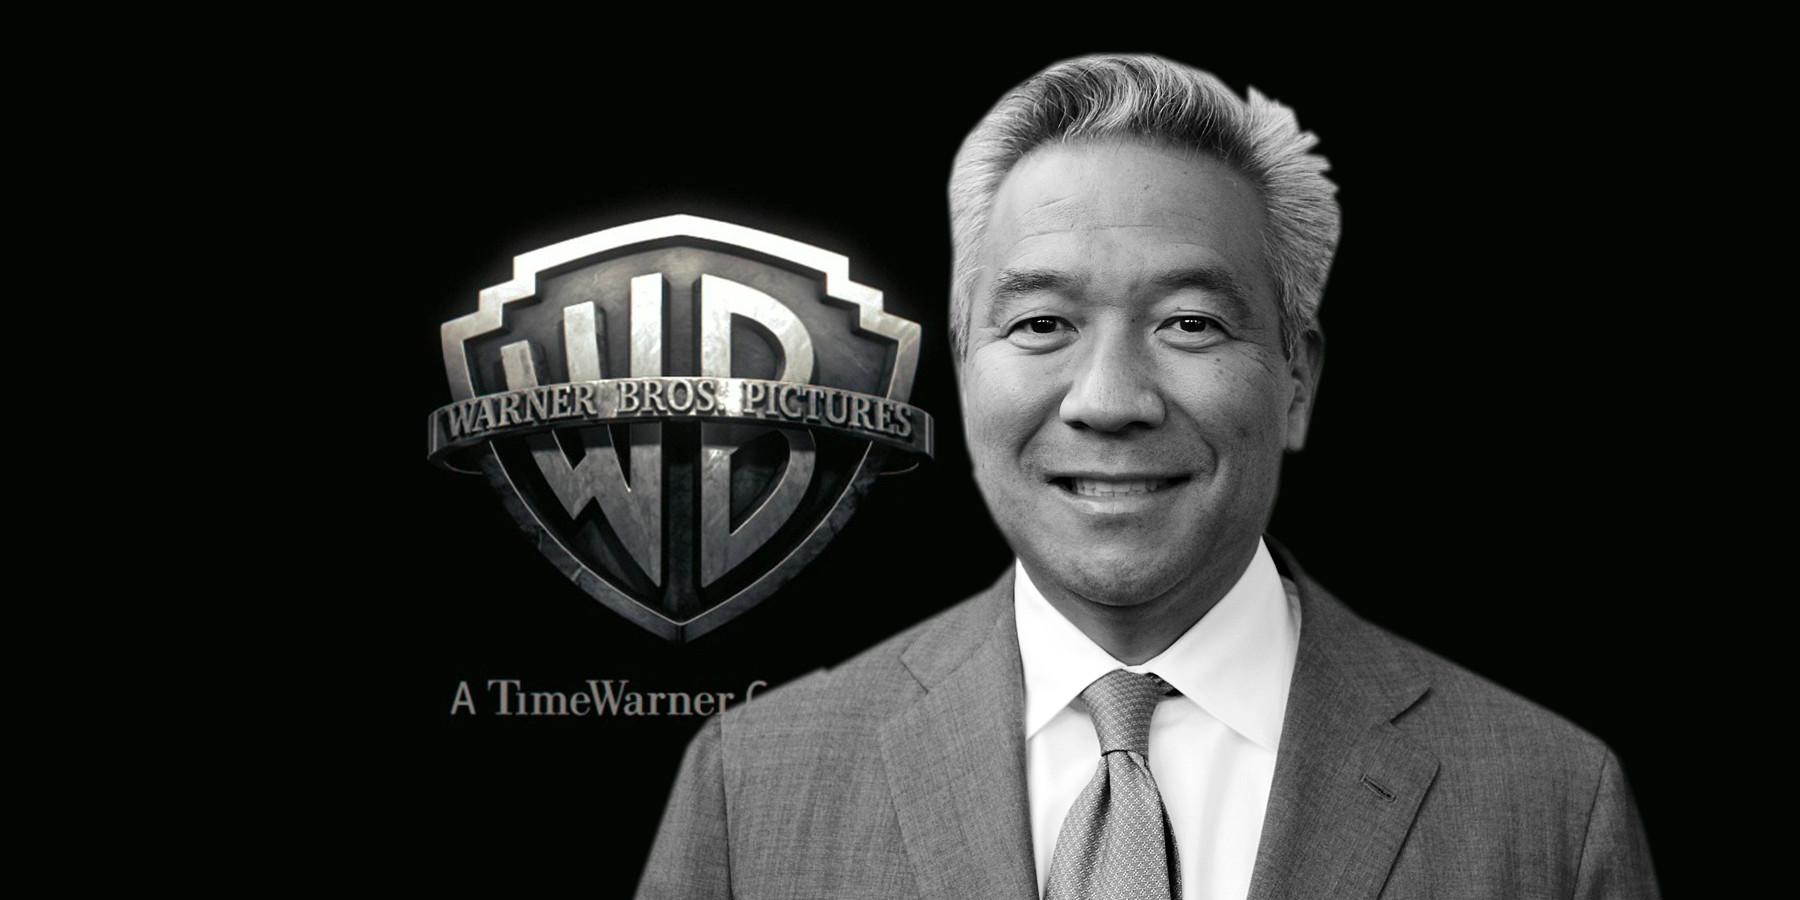 CEO Kevin Tsujihara Exits Warner Bros after Misconduct Allegations